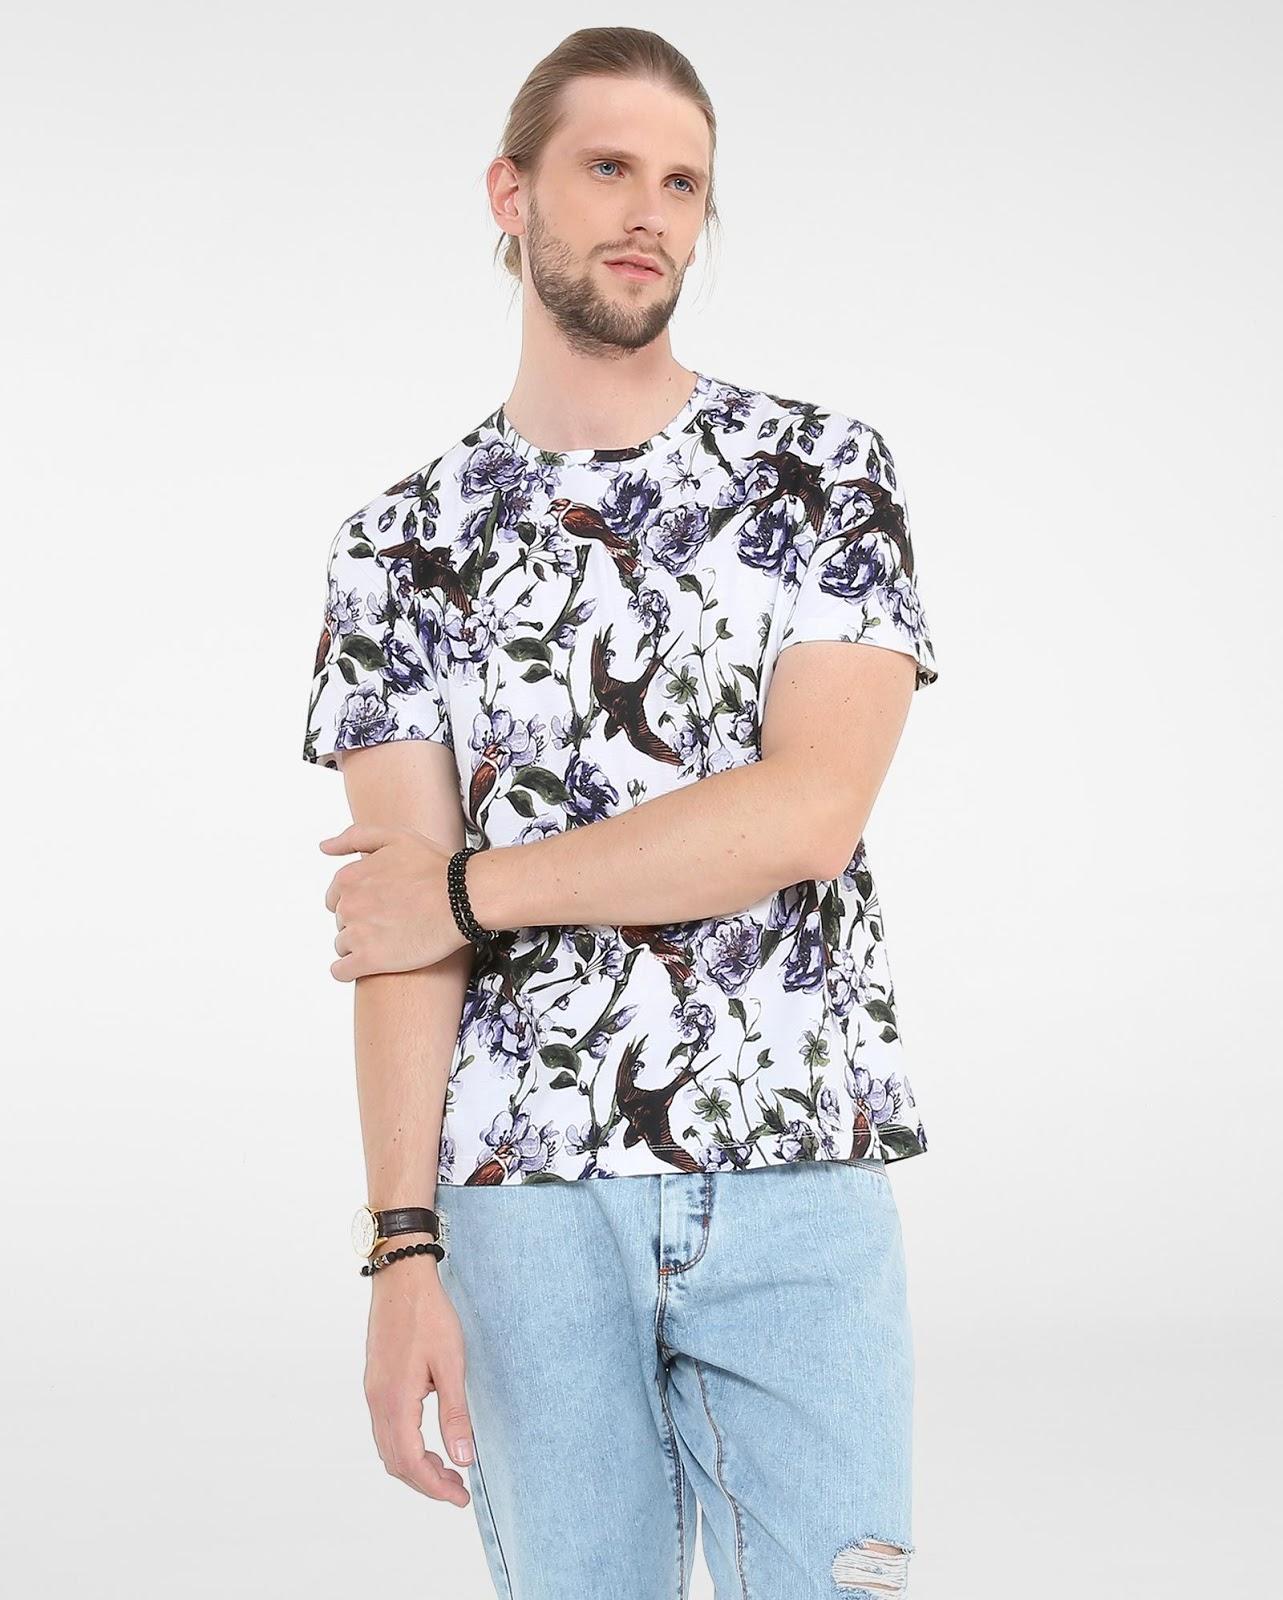 LEO KLEIN - KADU DANTAS PARA RIACHUELO - Camiseta Floral Andorinhas